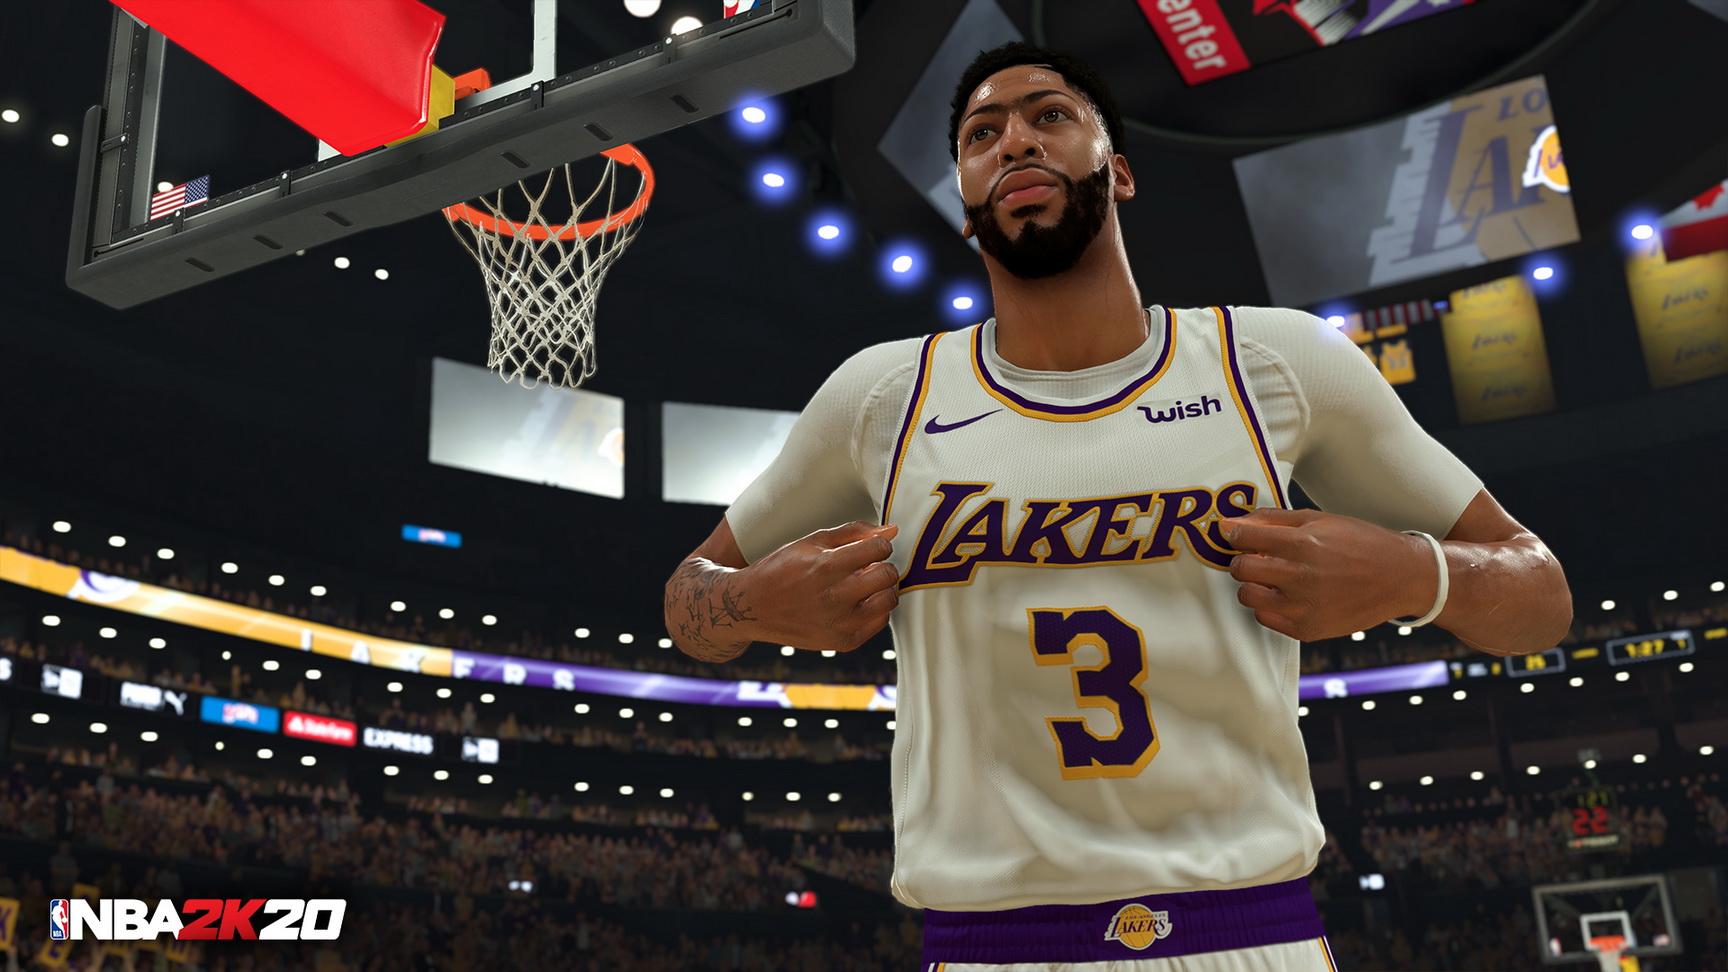 NBA2K20 9192019 2